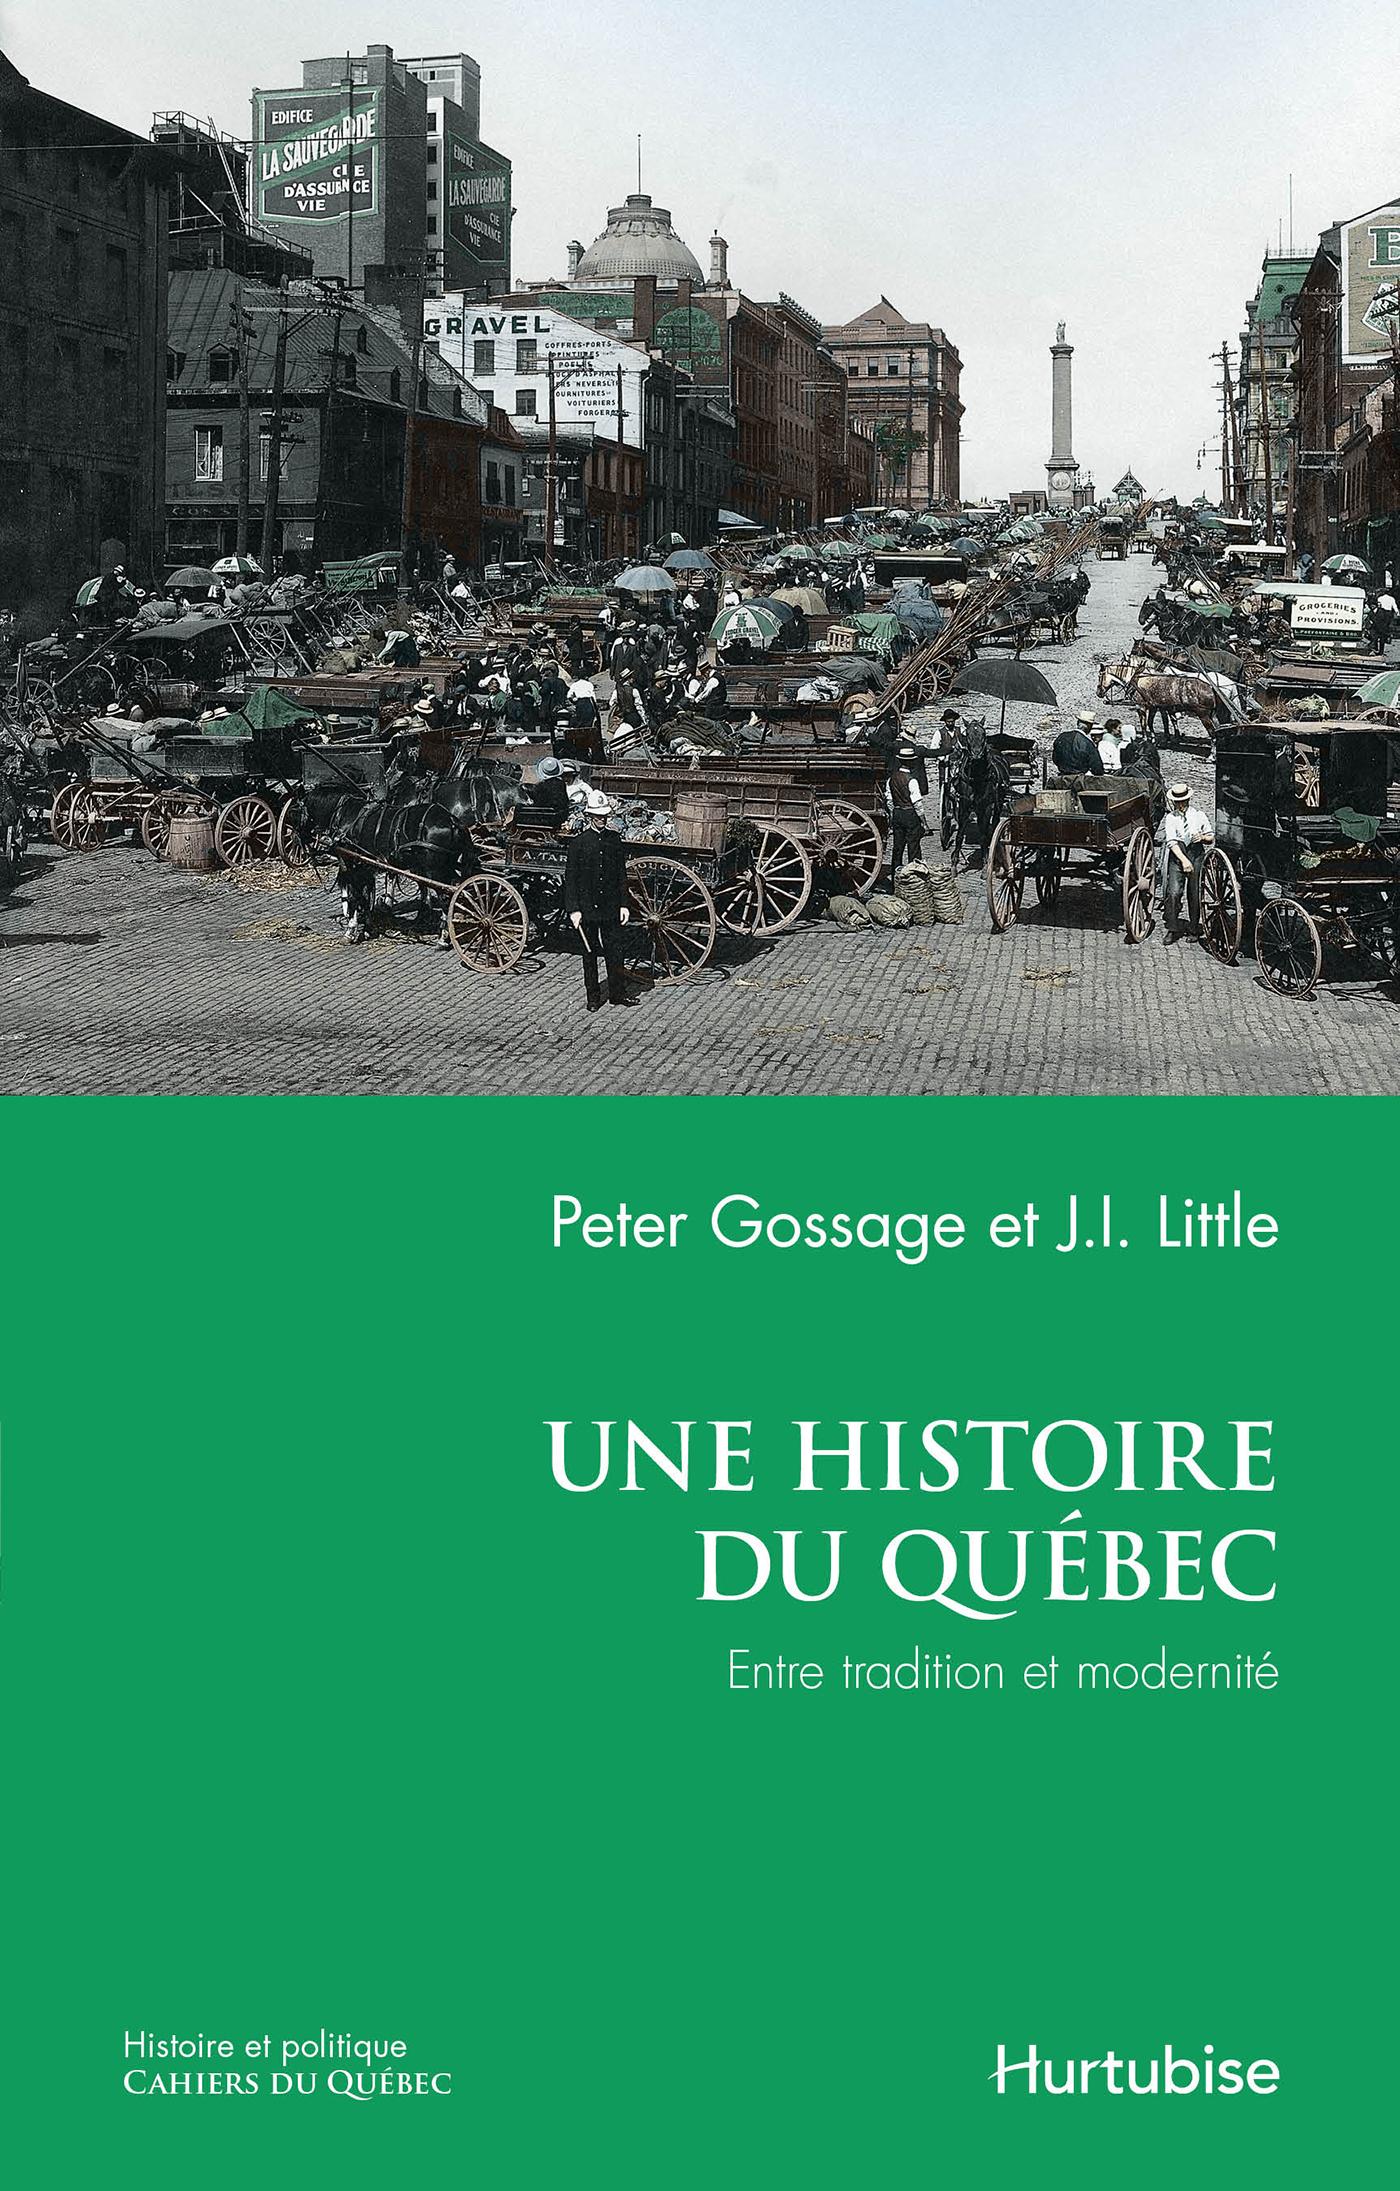 Une histoire du Québec : entre tradition et modernité